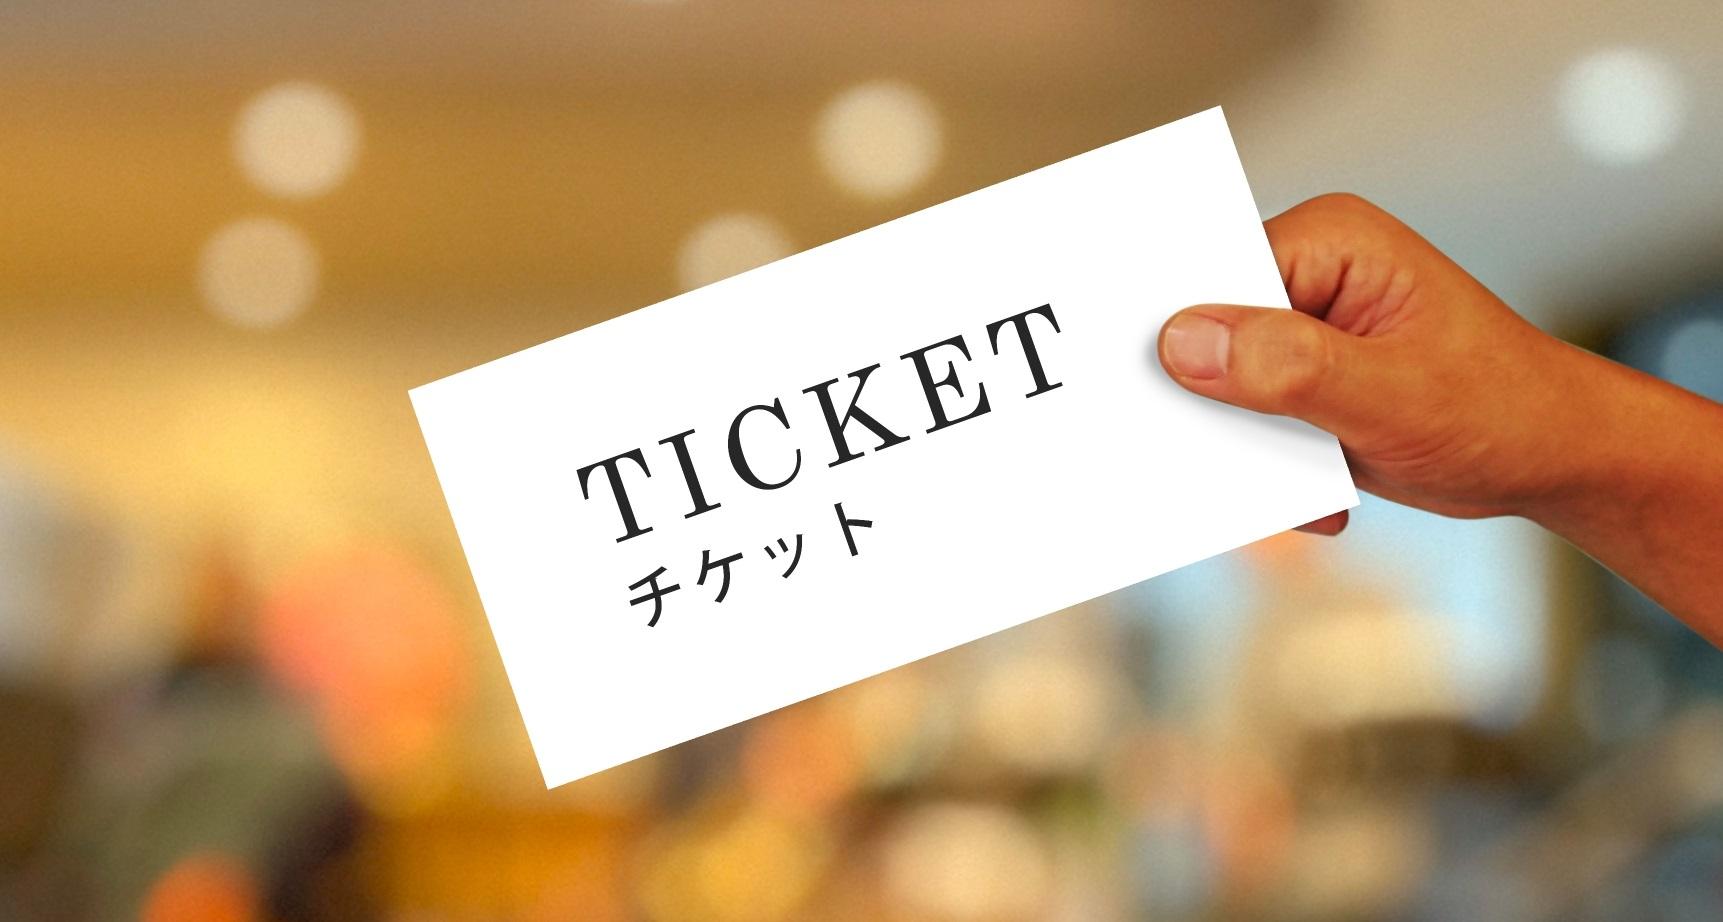 非公式な売買取引によるチケット詐欺被害で返金する方法・手段